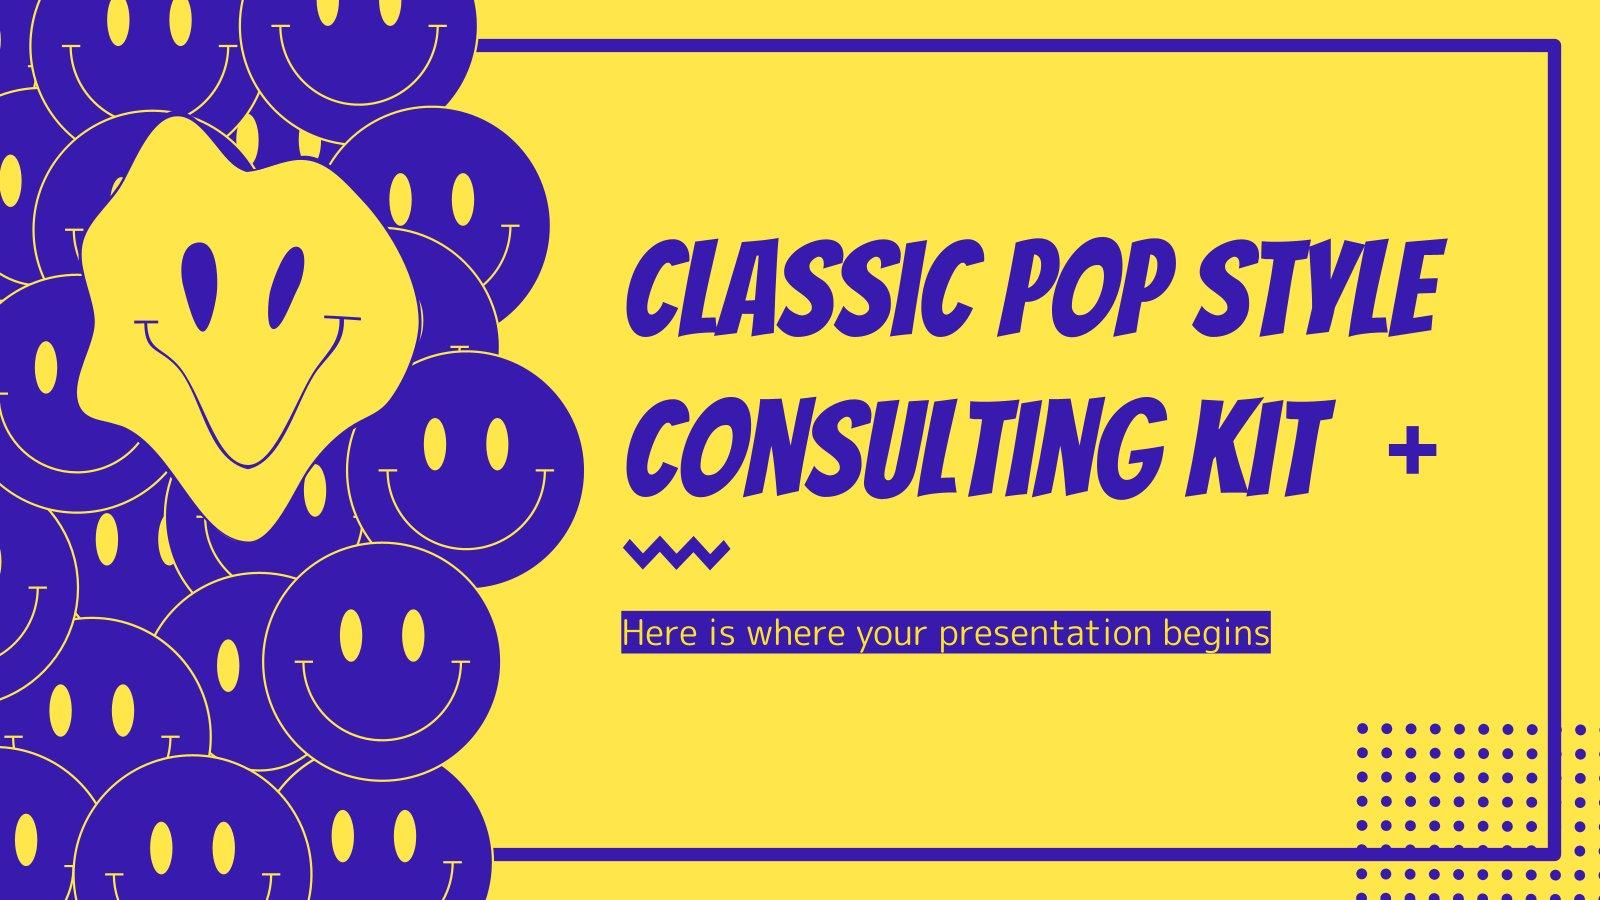 Modelo de apresentação Kit de consultoria em estilo pop clássico